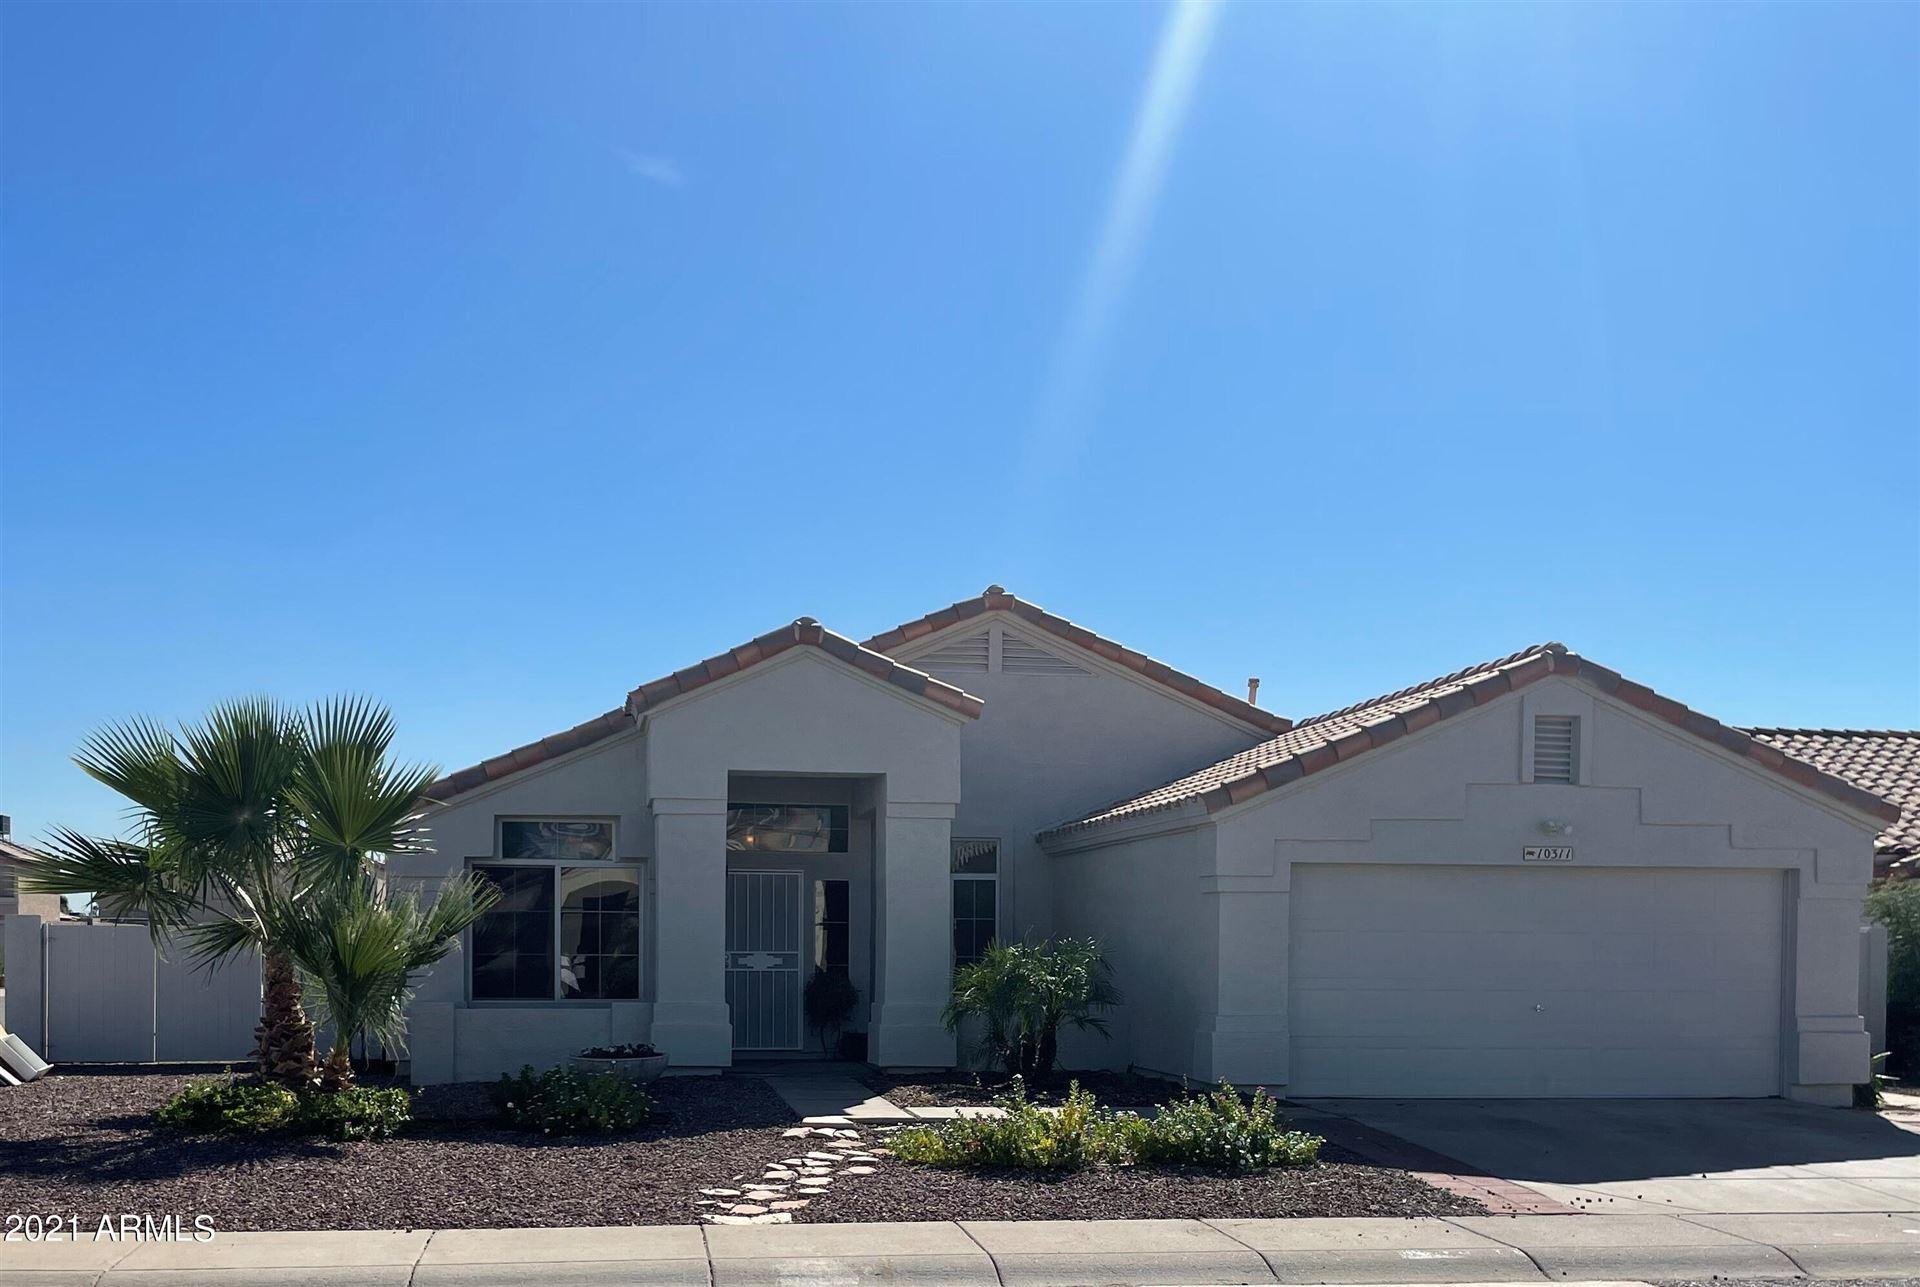 10311 W LUKE Avenue, Glendale, AZ 85307 - MLS#: 6310757